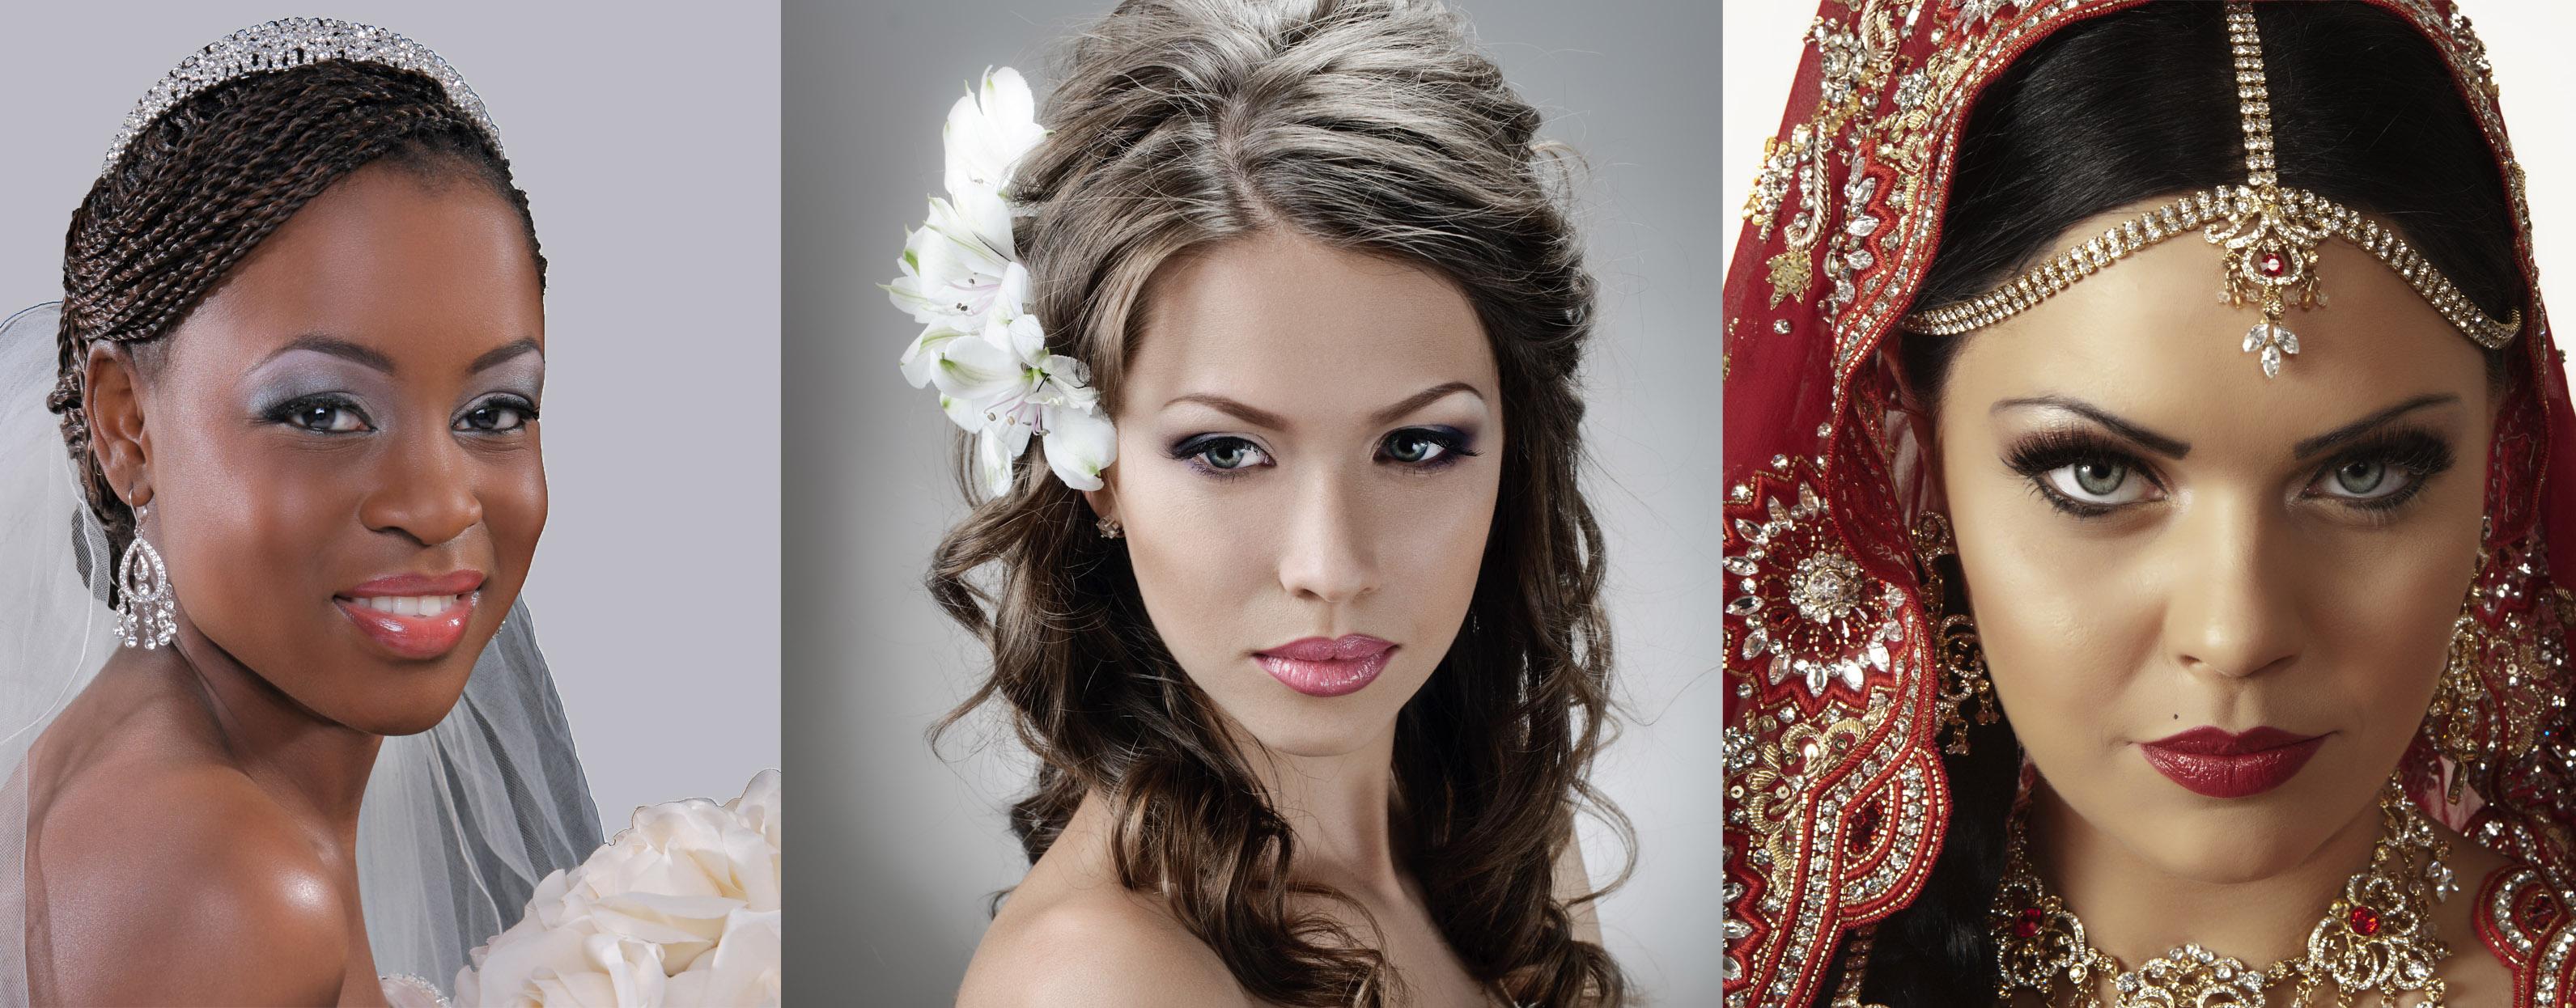 bridal-makeup-3.jpg